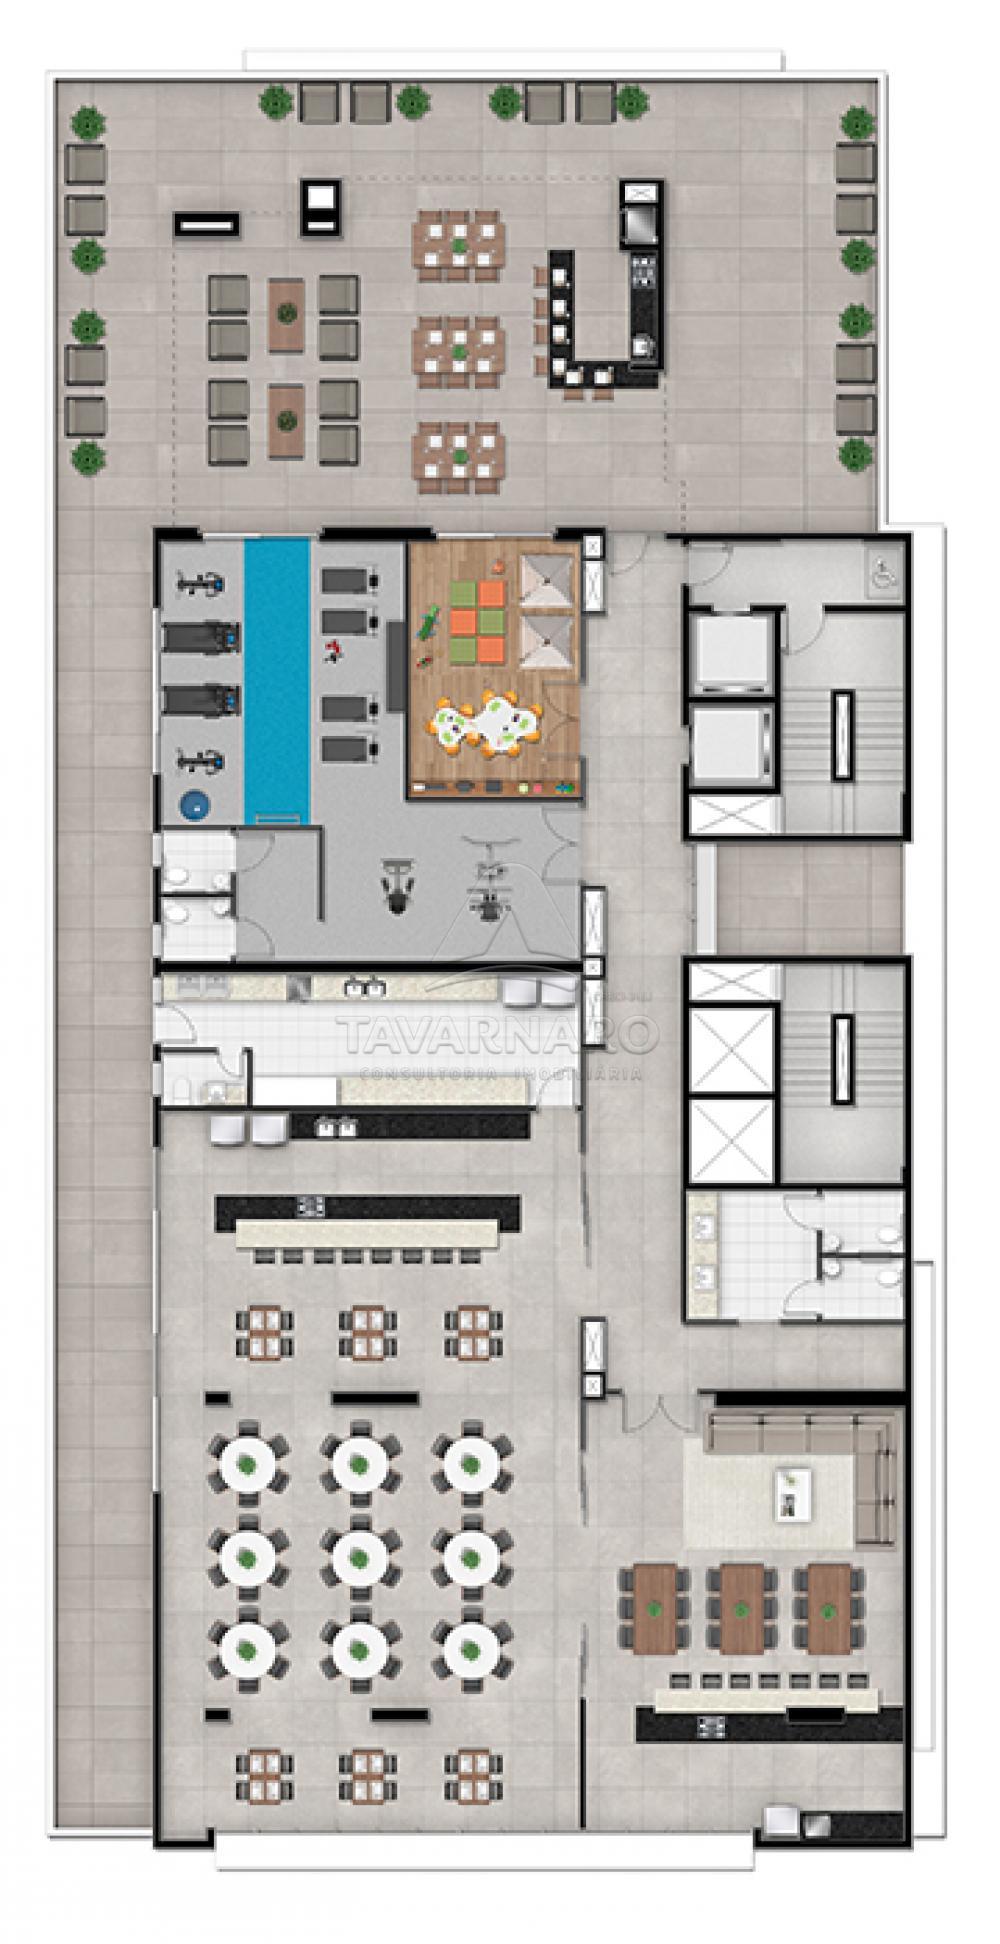 Comprar Comercial / Sala Condomínio em Ponta Grossa apenas R$ 304.851,43 - Foto 5